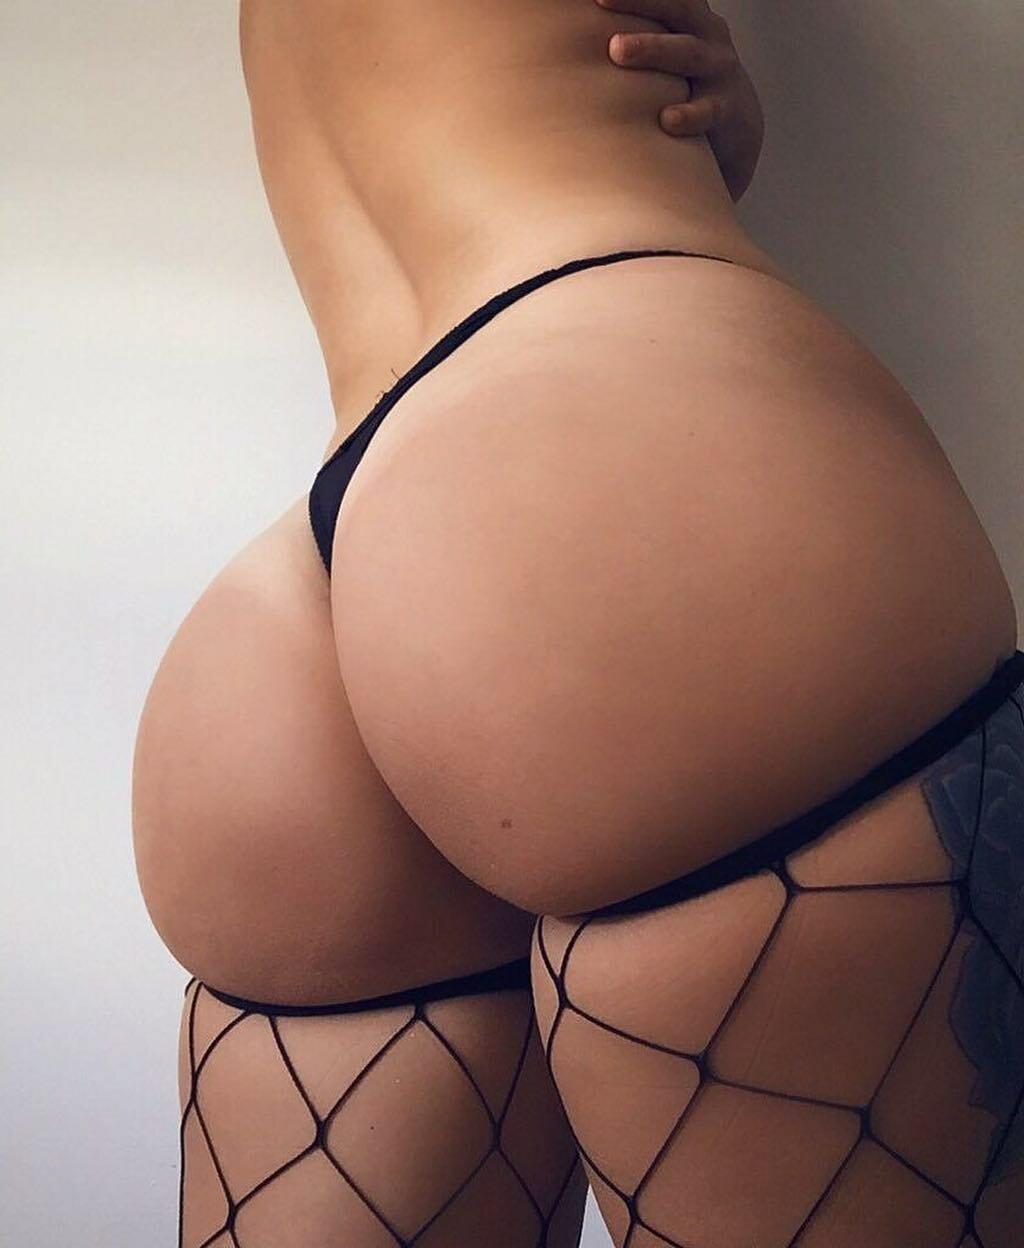 Big ass sexy ass